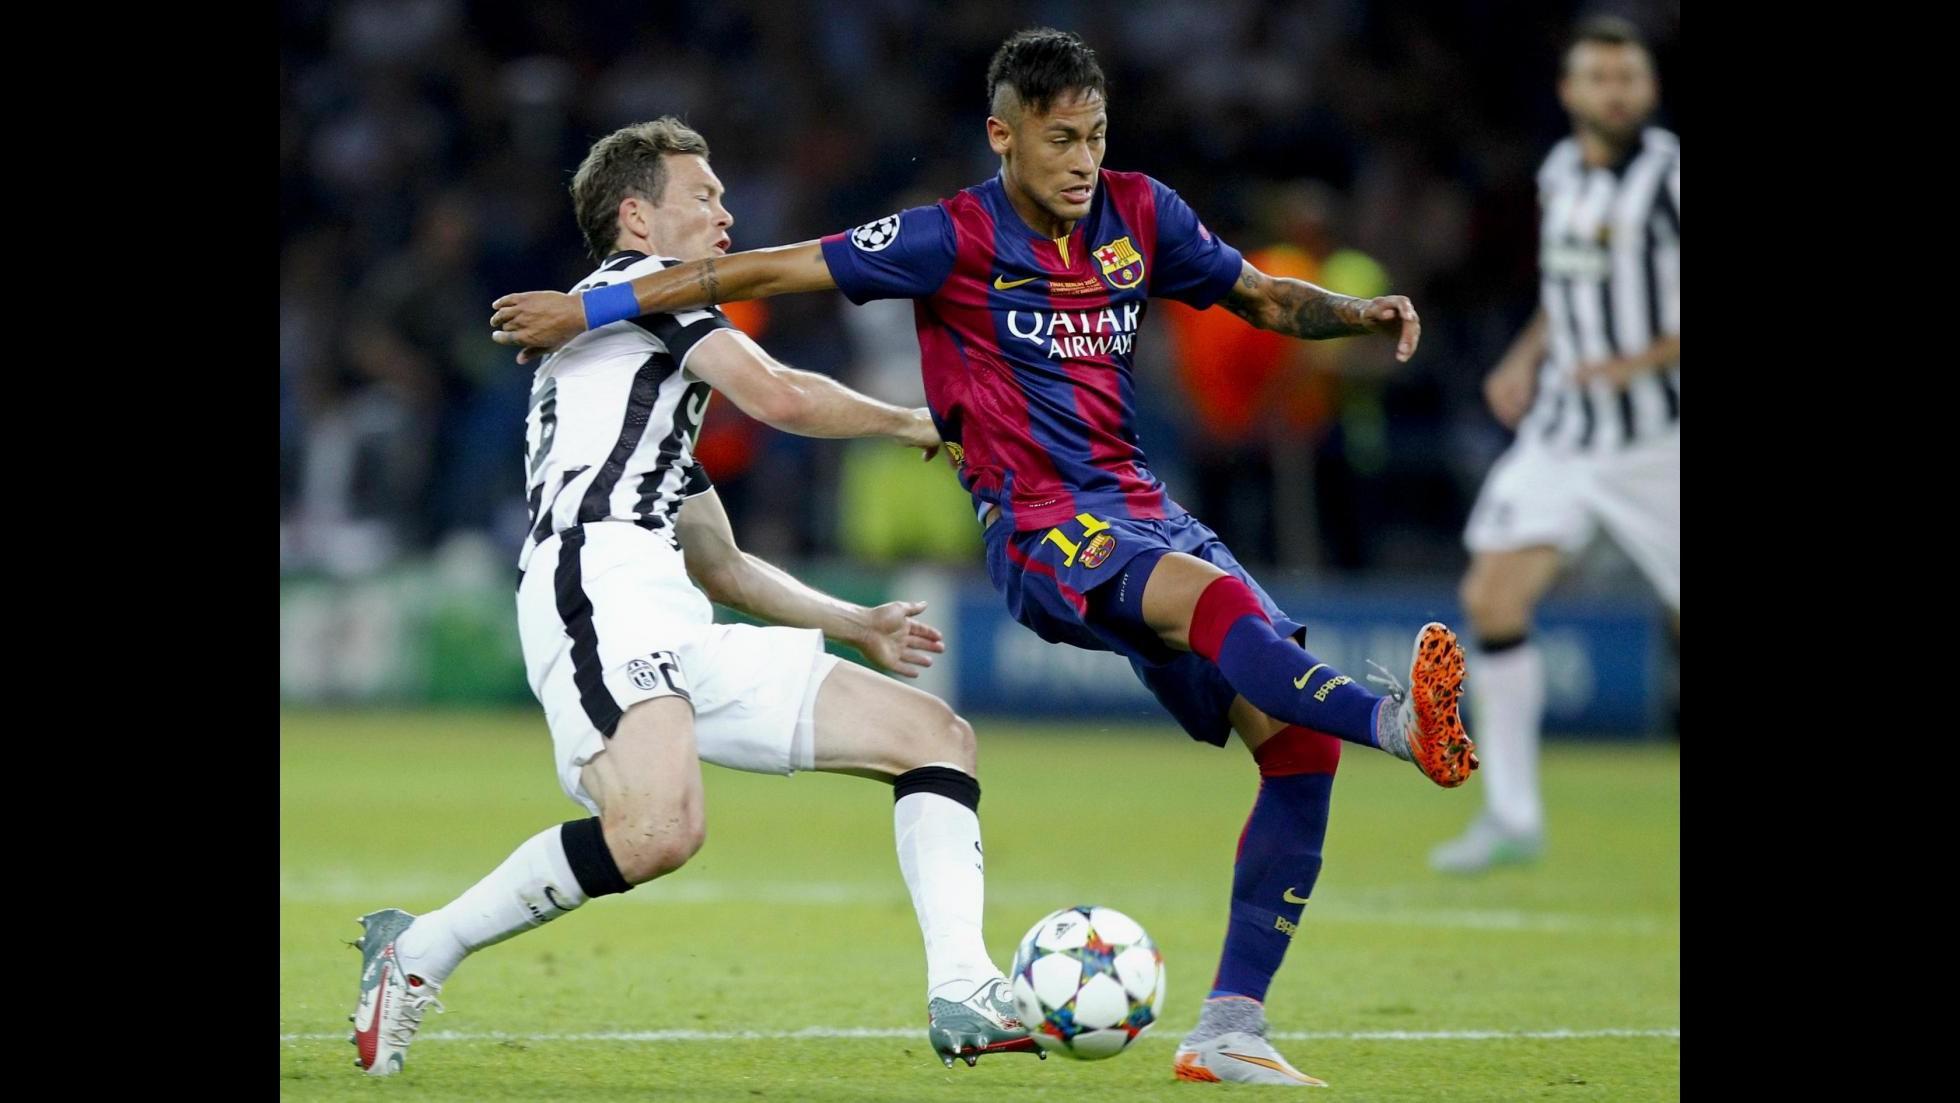 Calcio, stampa GB: Manchester Utd pronto a fare follia per Neymar